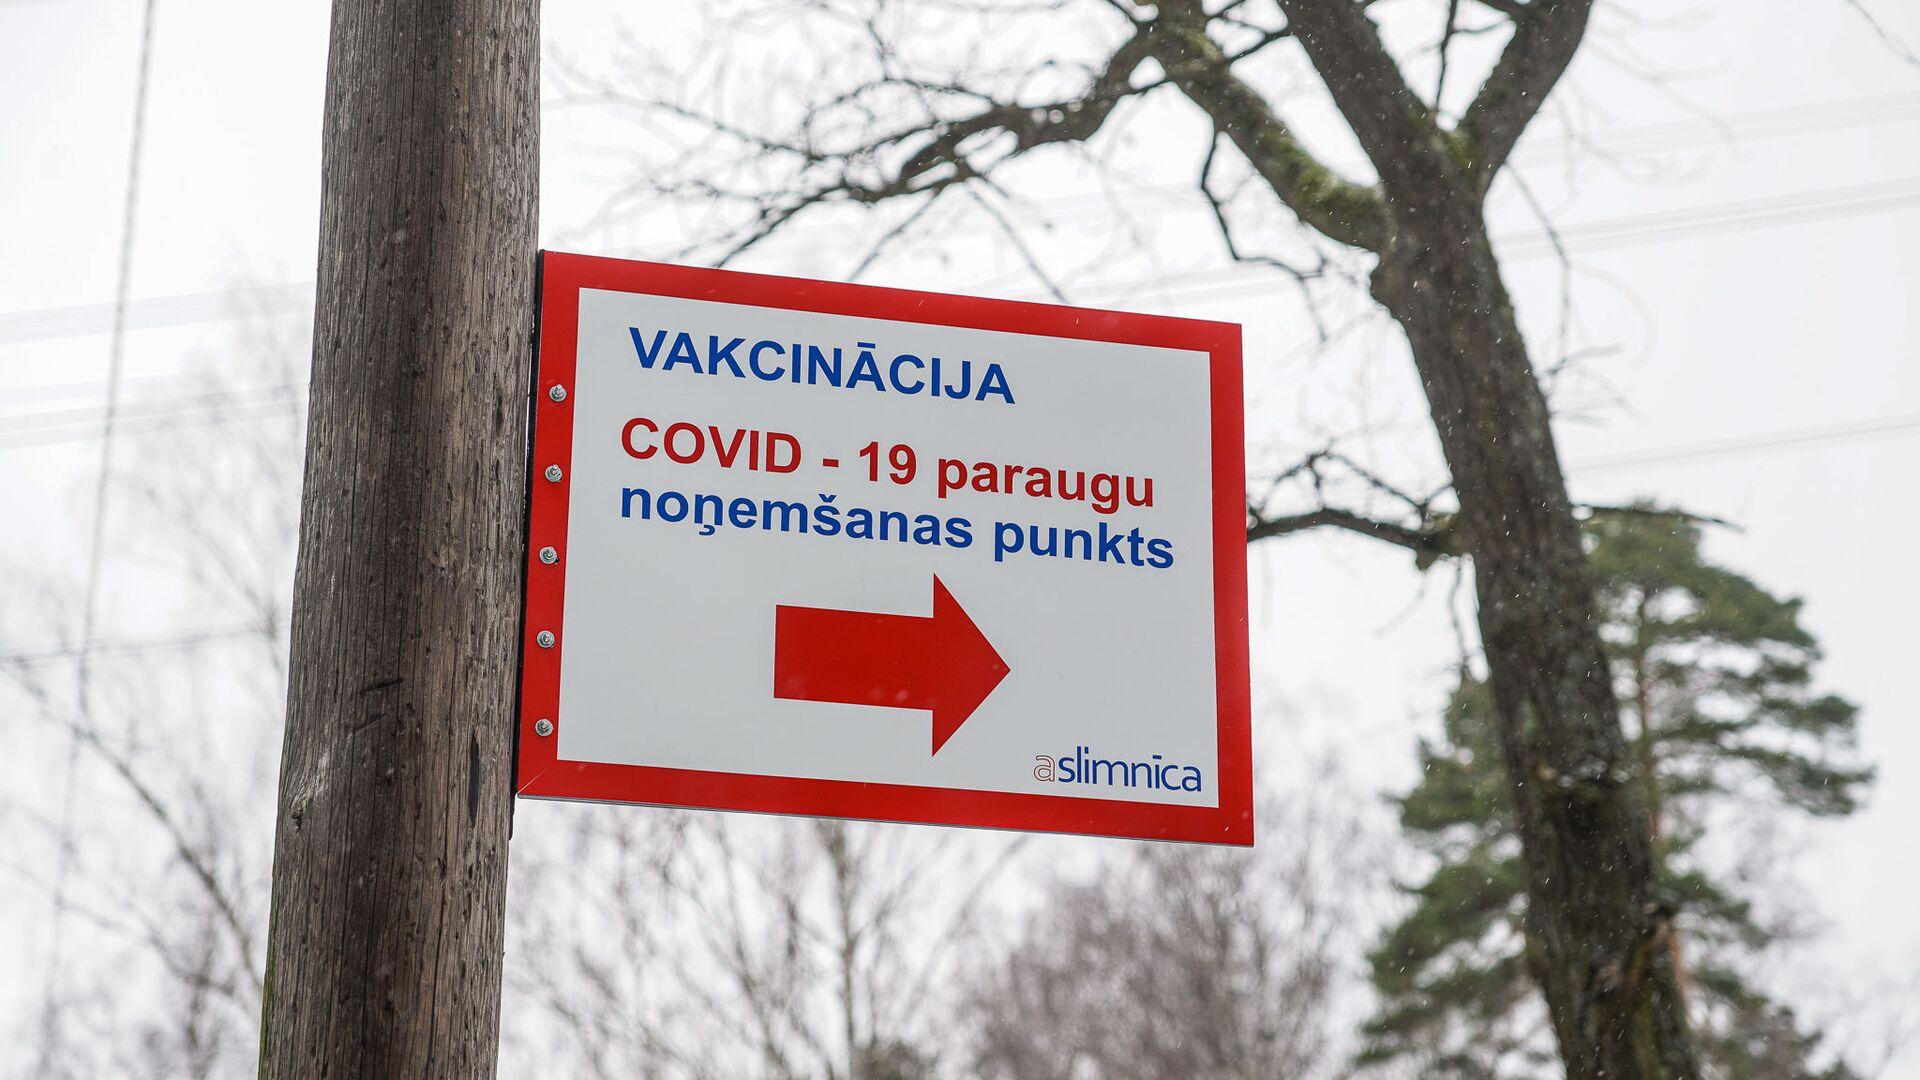 Указатель направления в пункт приема анализов на COVID-19 и вакцинацию в Латвийском центре инфектологии - Sputnik Латвия, 1920, 15.07.2021